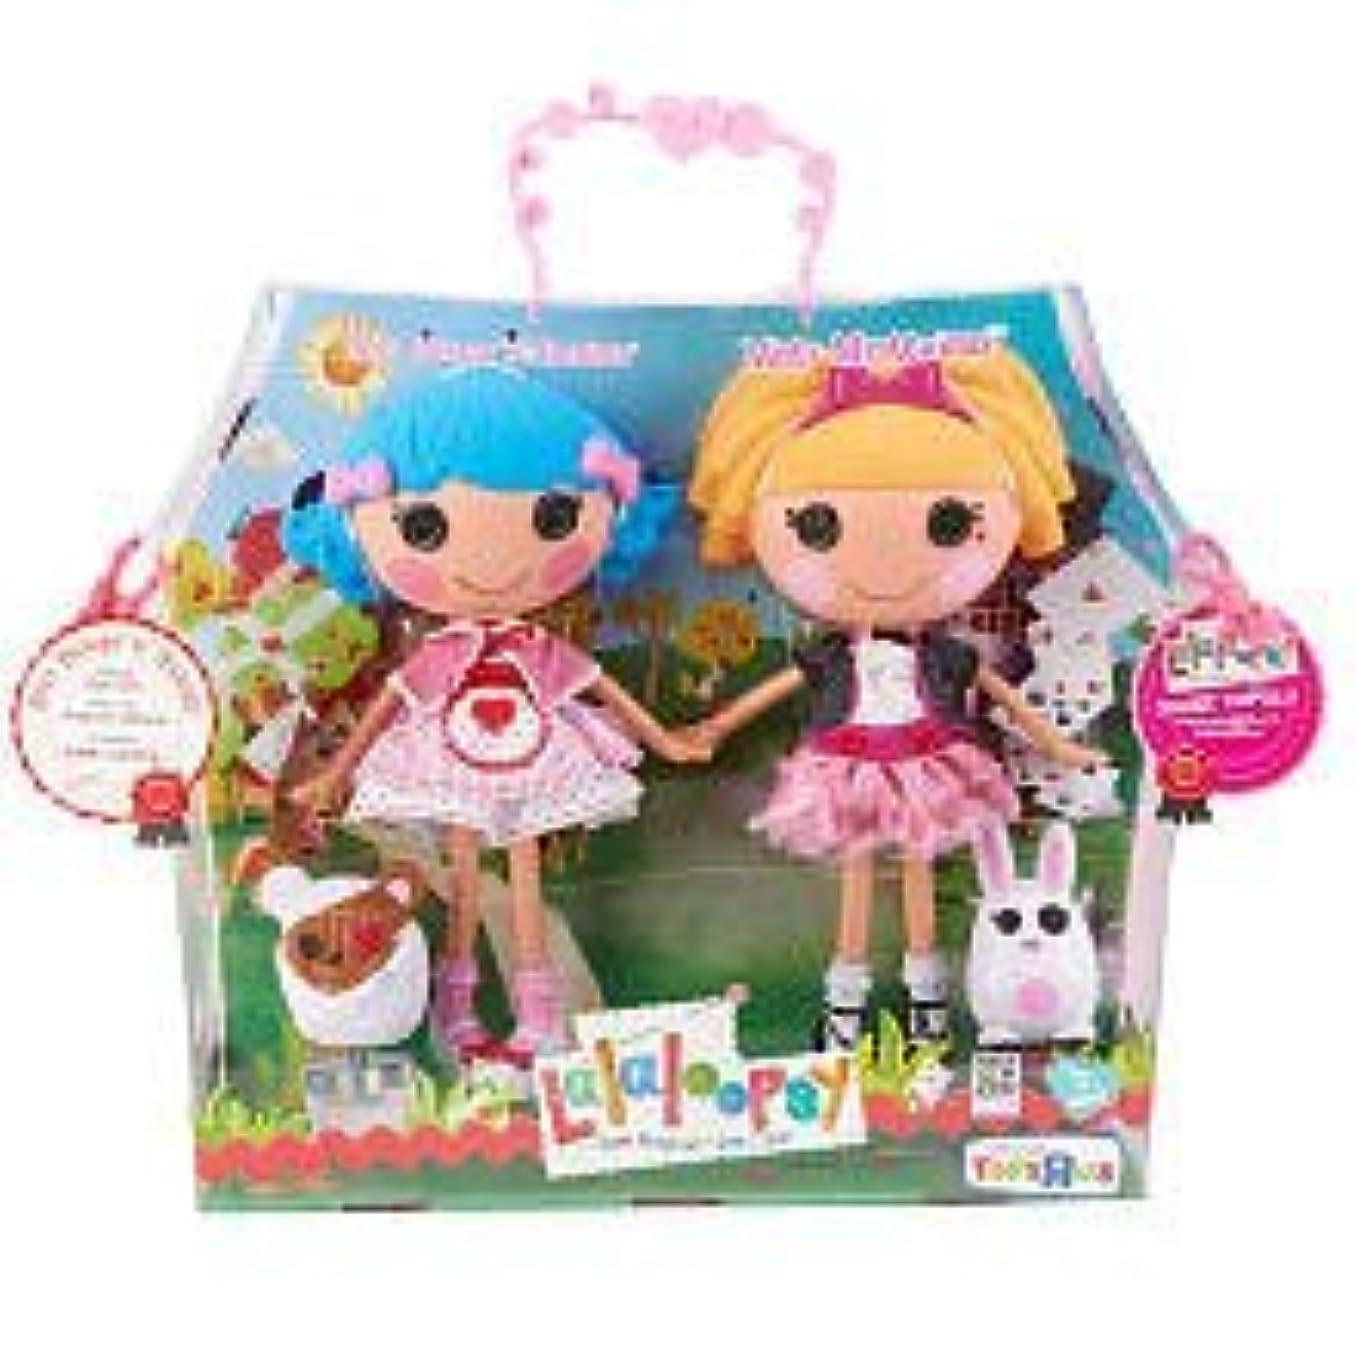 戦うベリ便利Lalaloopsy Large Doll 2 - Pack - Misty Mysterious and Rosy Bumps 'N Bruises ドール 人形 フィギュア(並行輸入)